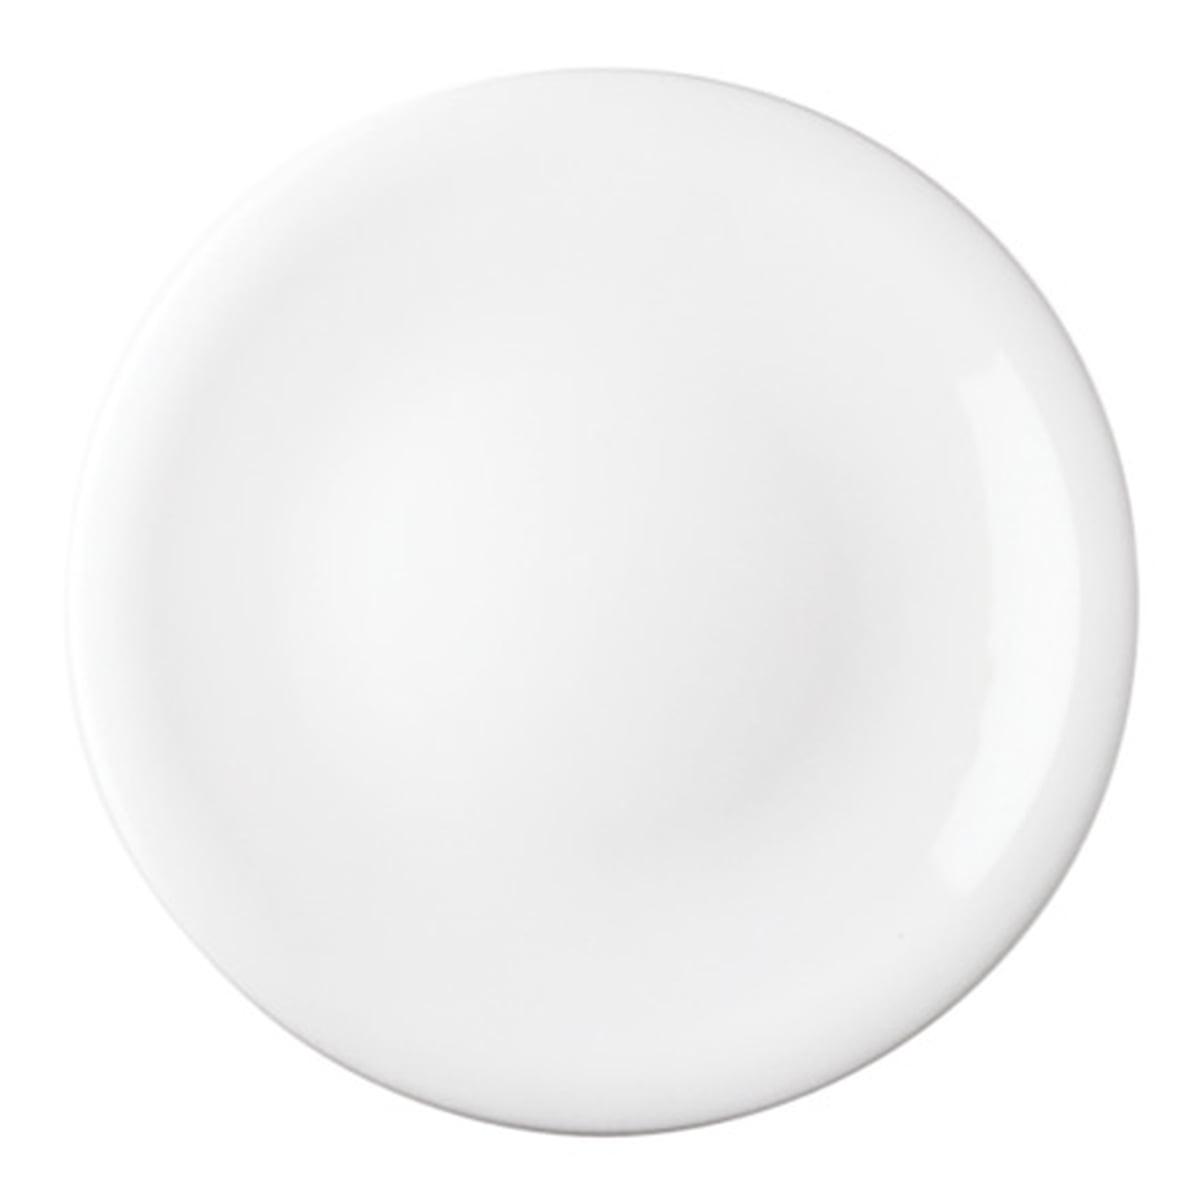 KAHLA - Update, Pastateller Ø 22 cm, weiß